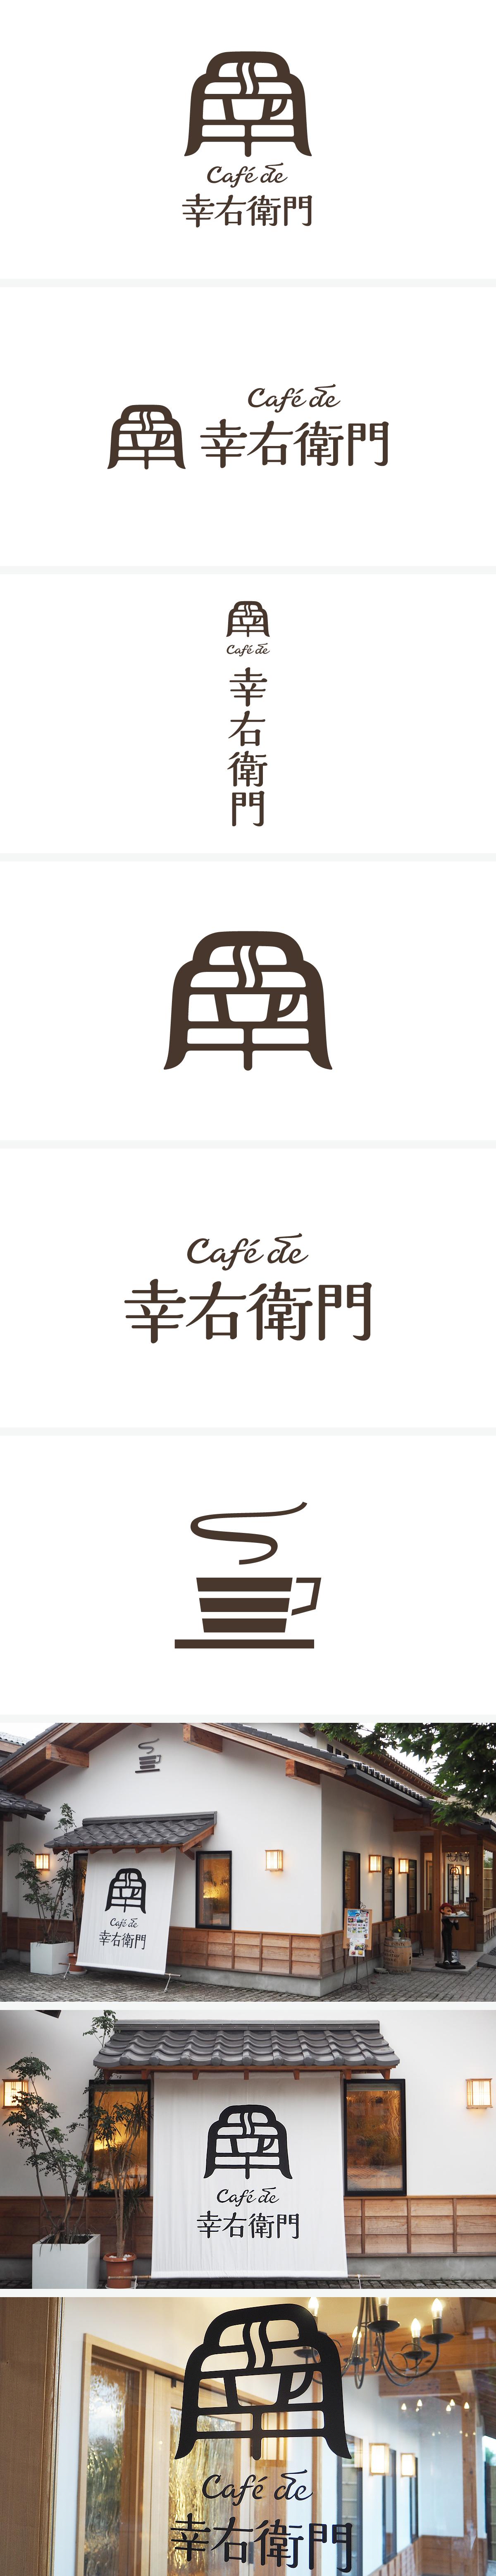 Café de 幸右衛門